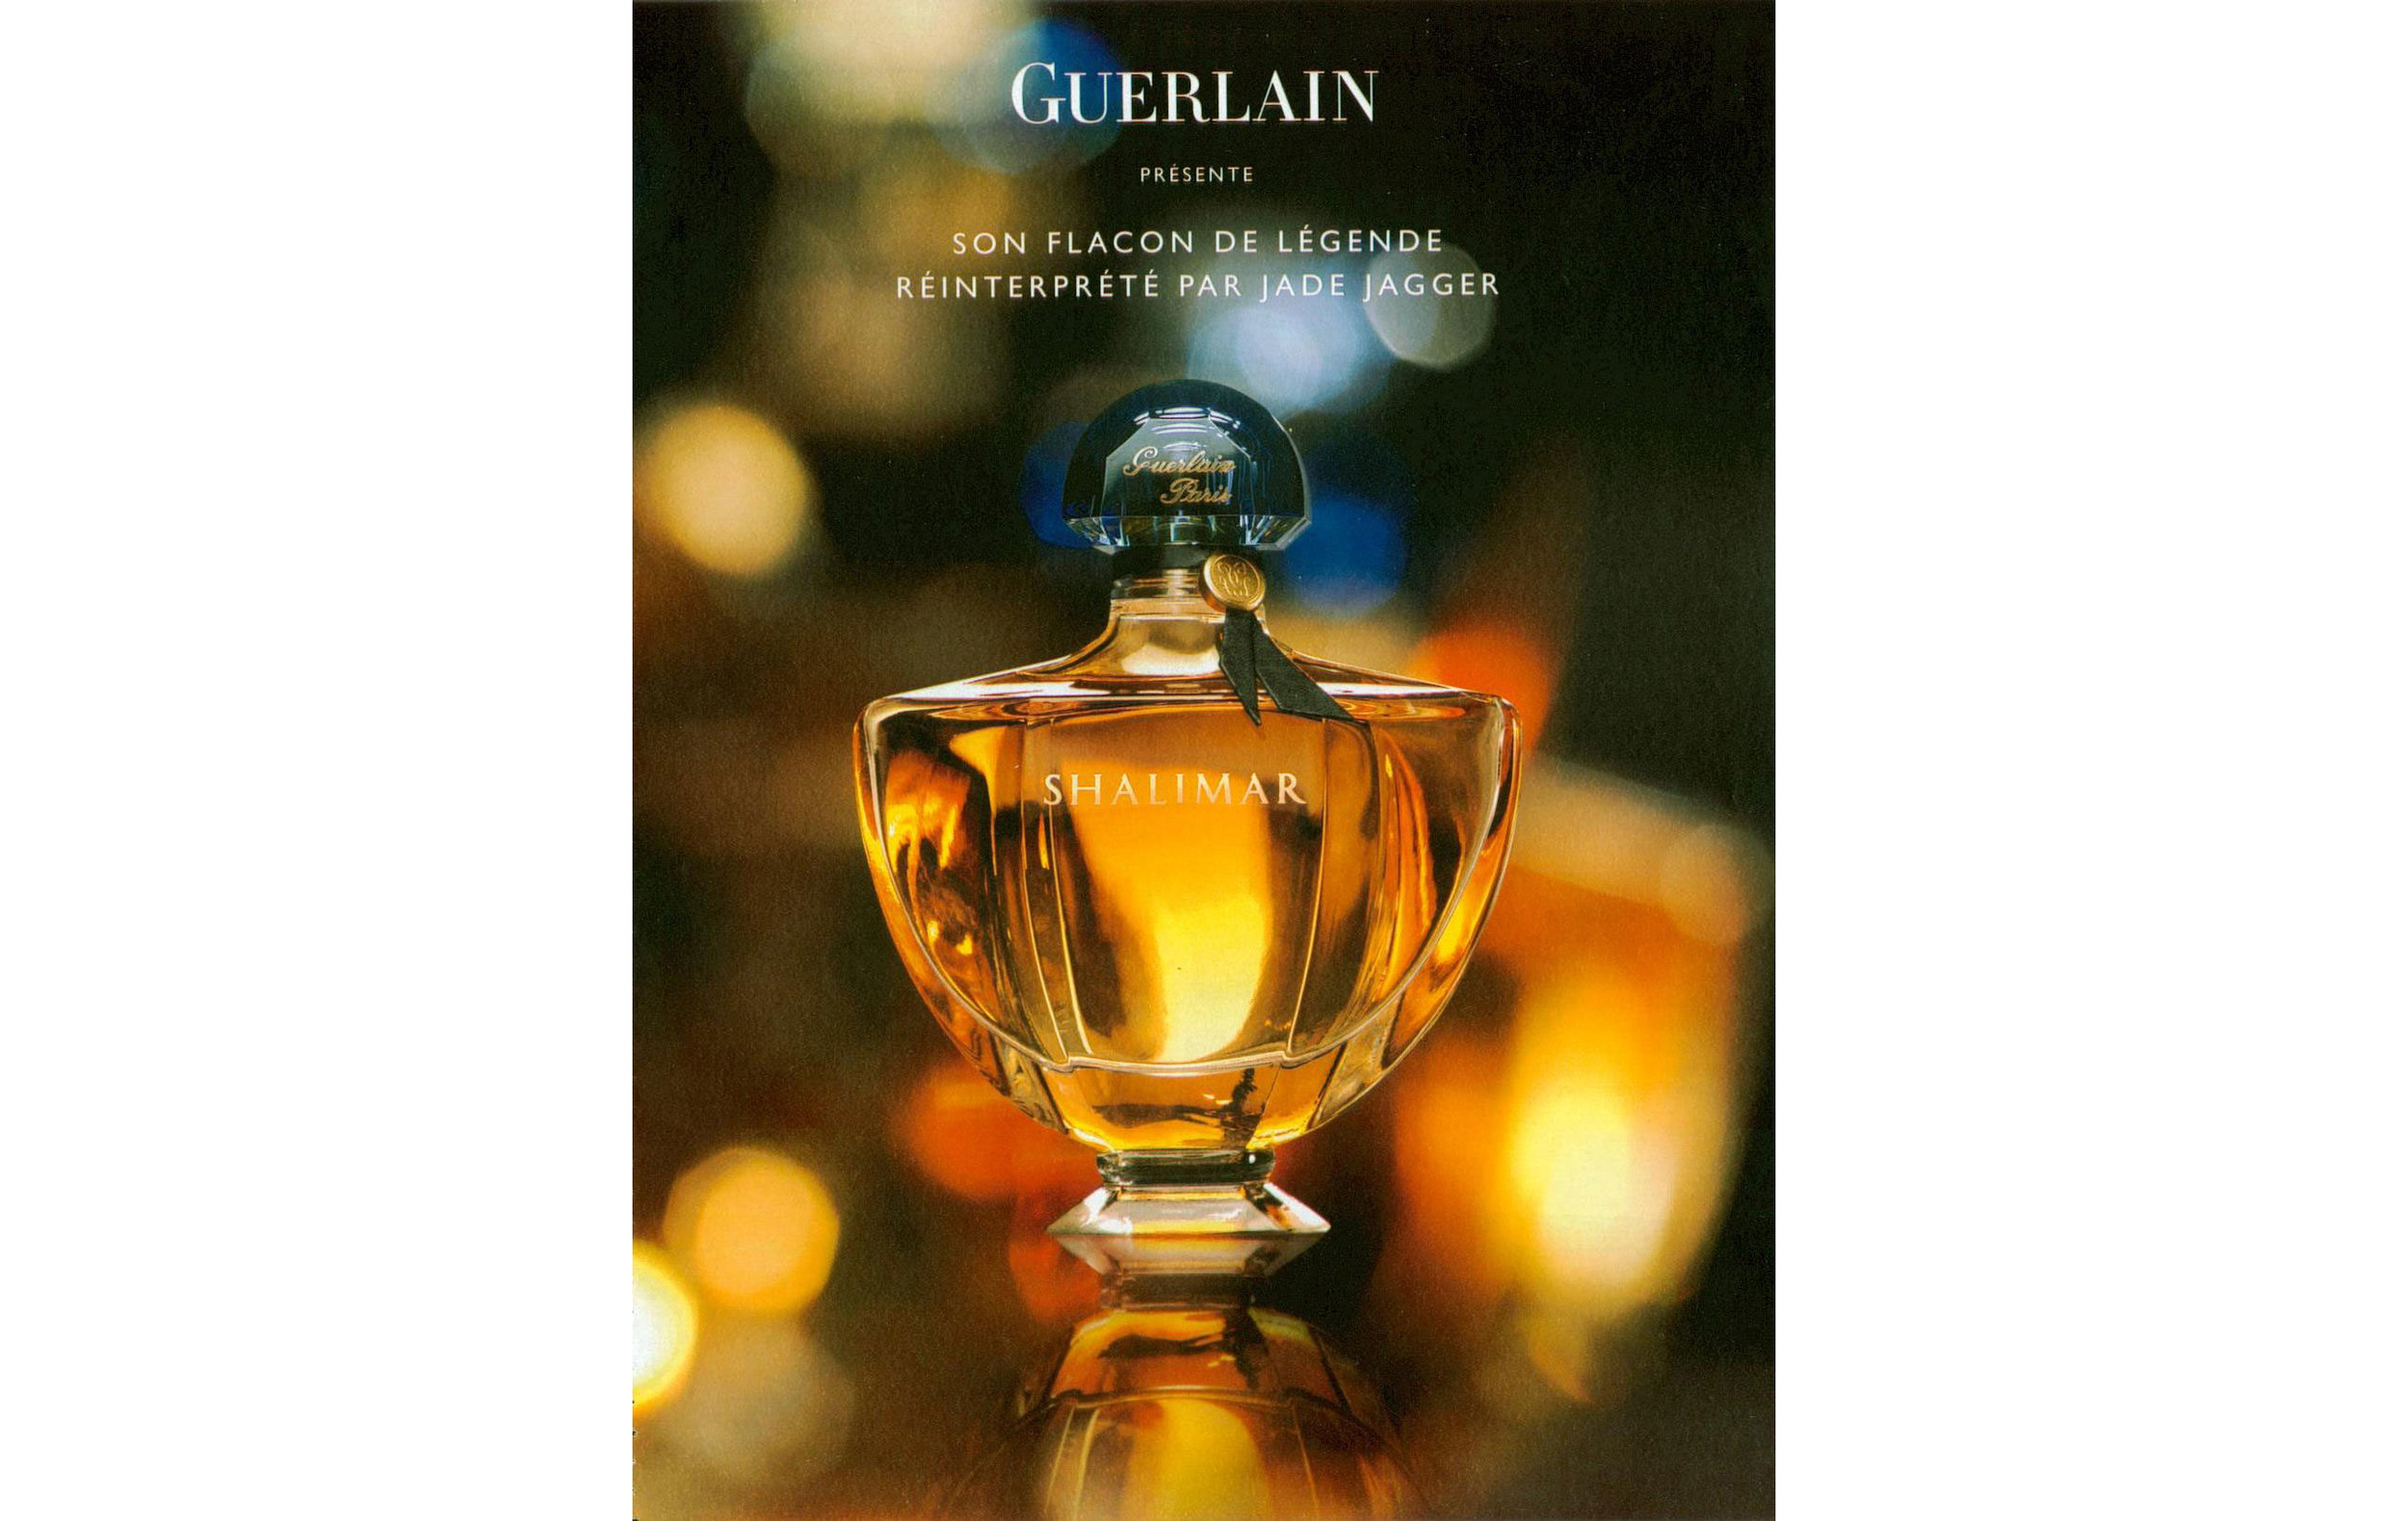 Guerlain-Shalimar05.jpg